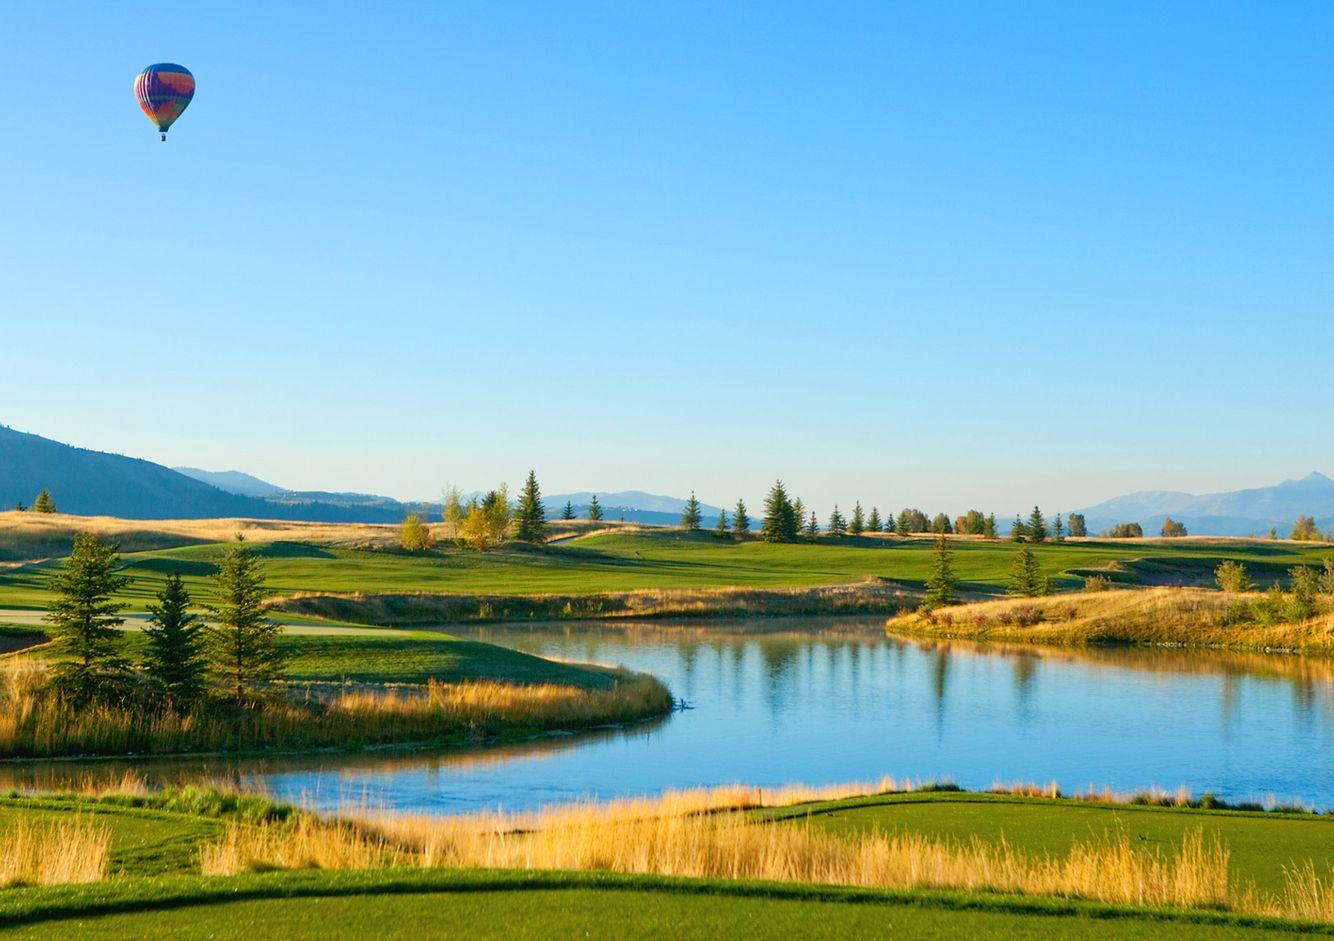 John-Sutton-Photography-Golf Course, 10th Tee